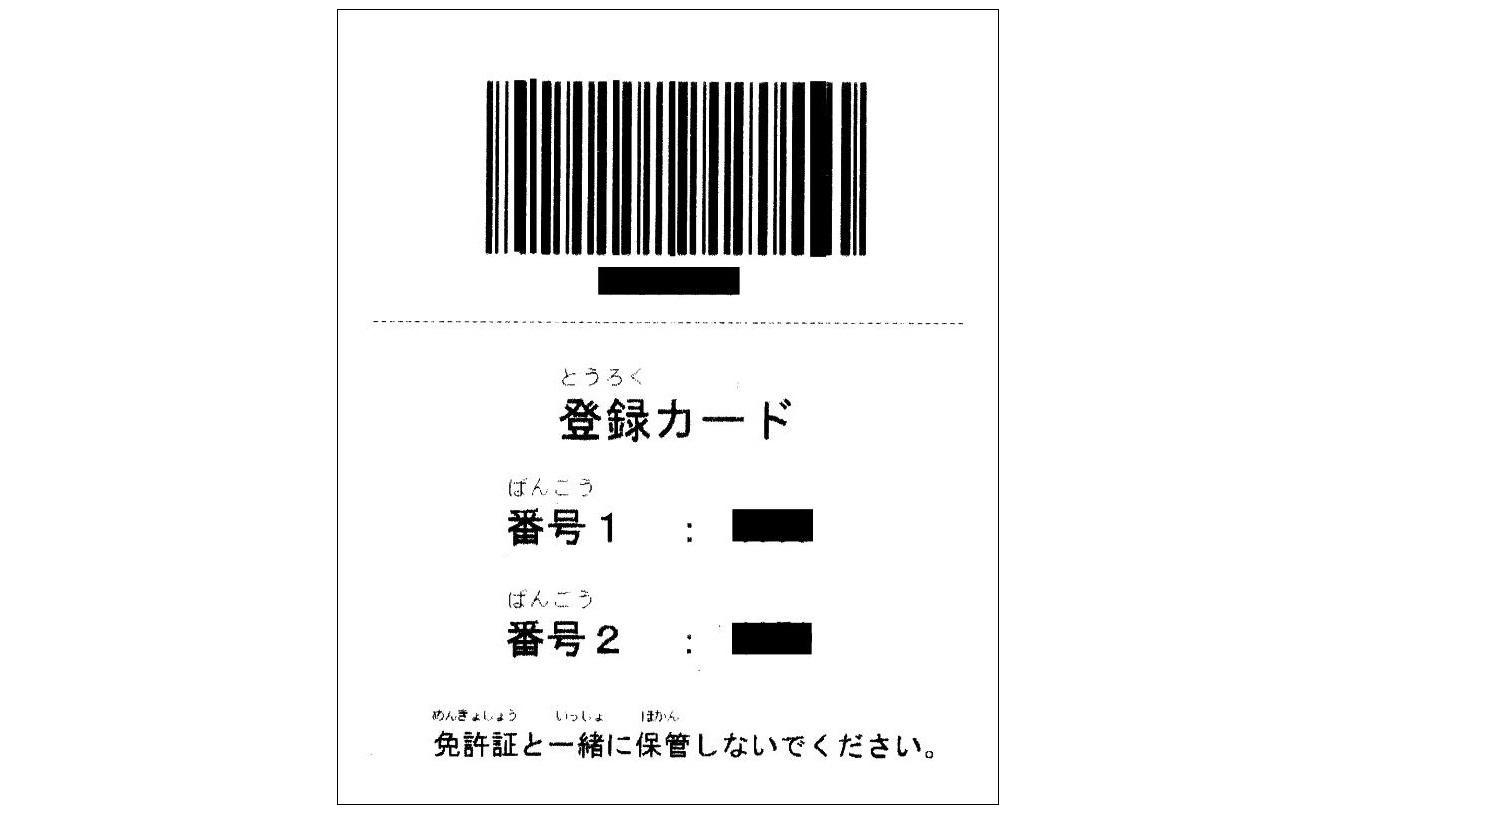 免許証登録カード